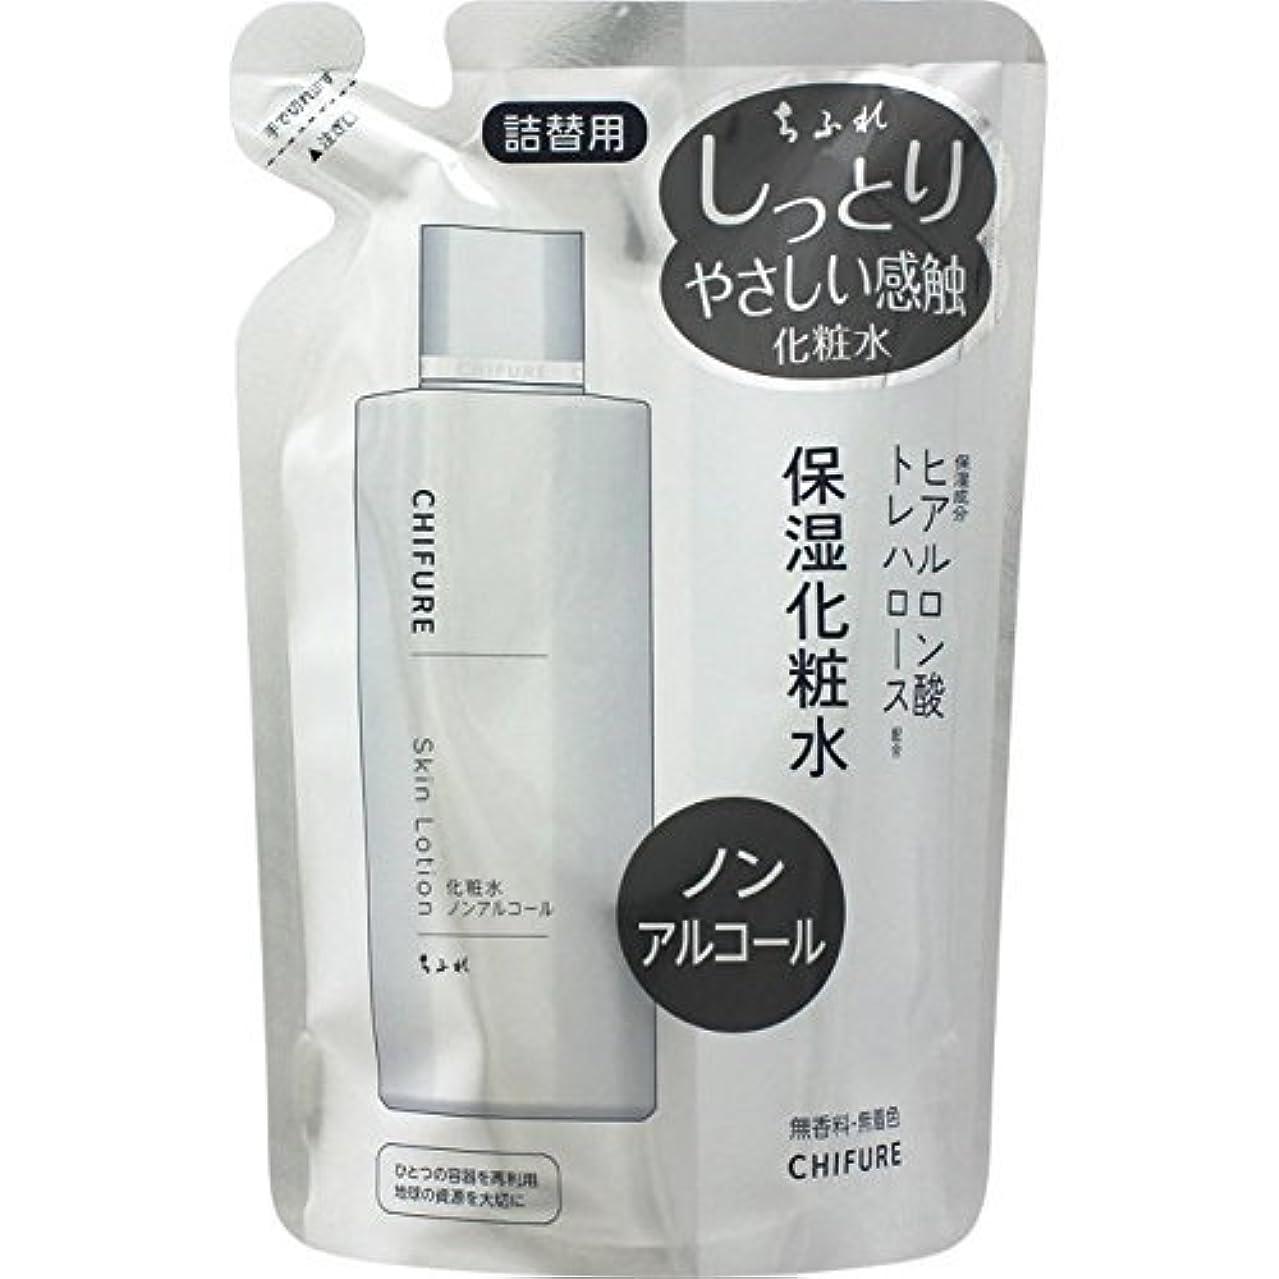 不良品競う漁師ちふれ化粧品 化粧水Nノンアルコールタイプ詰替用 150ml 150ML